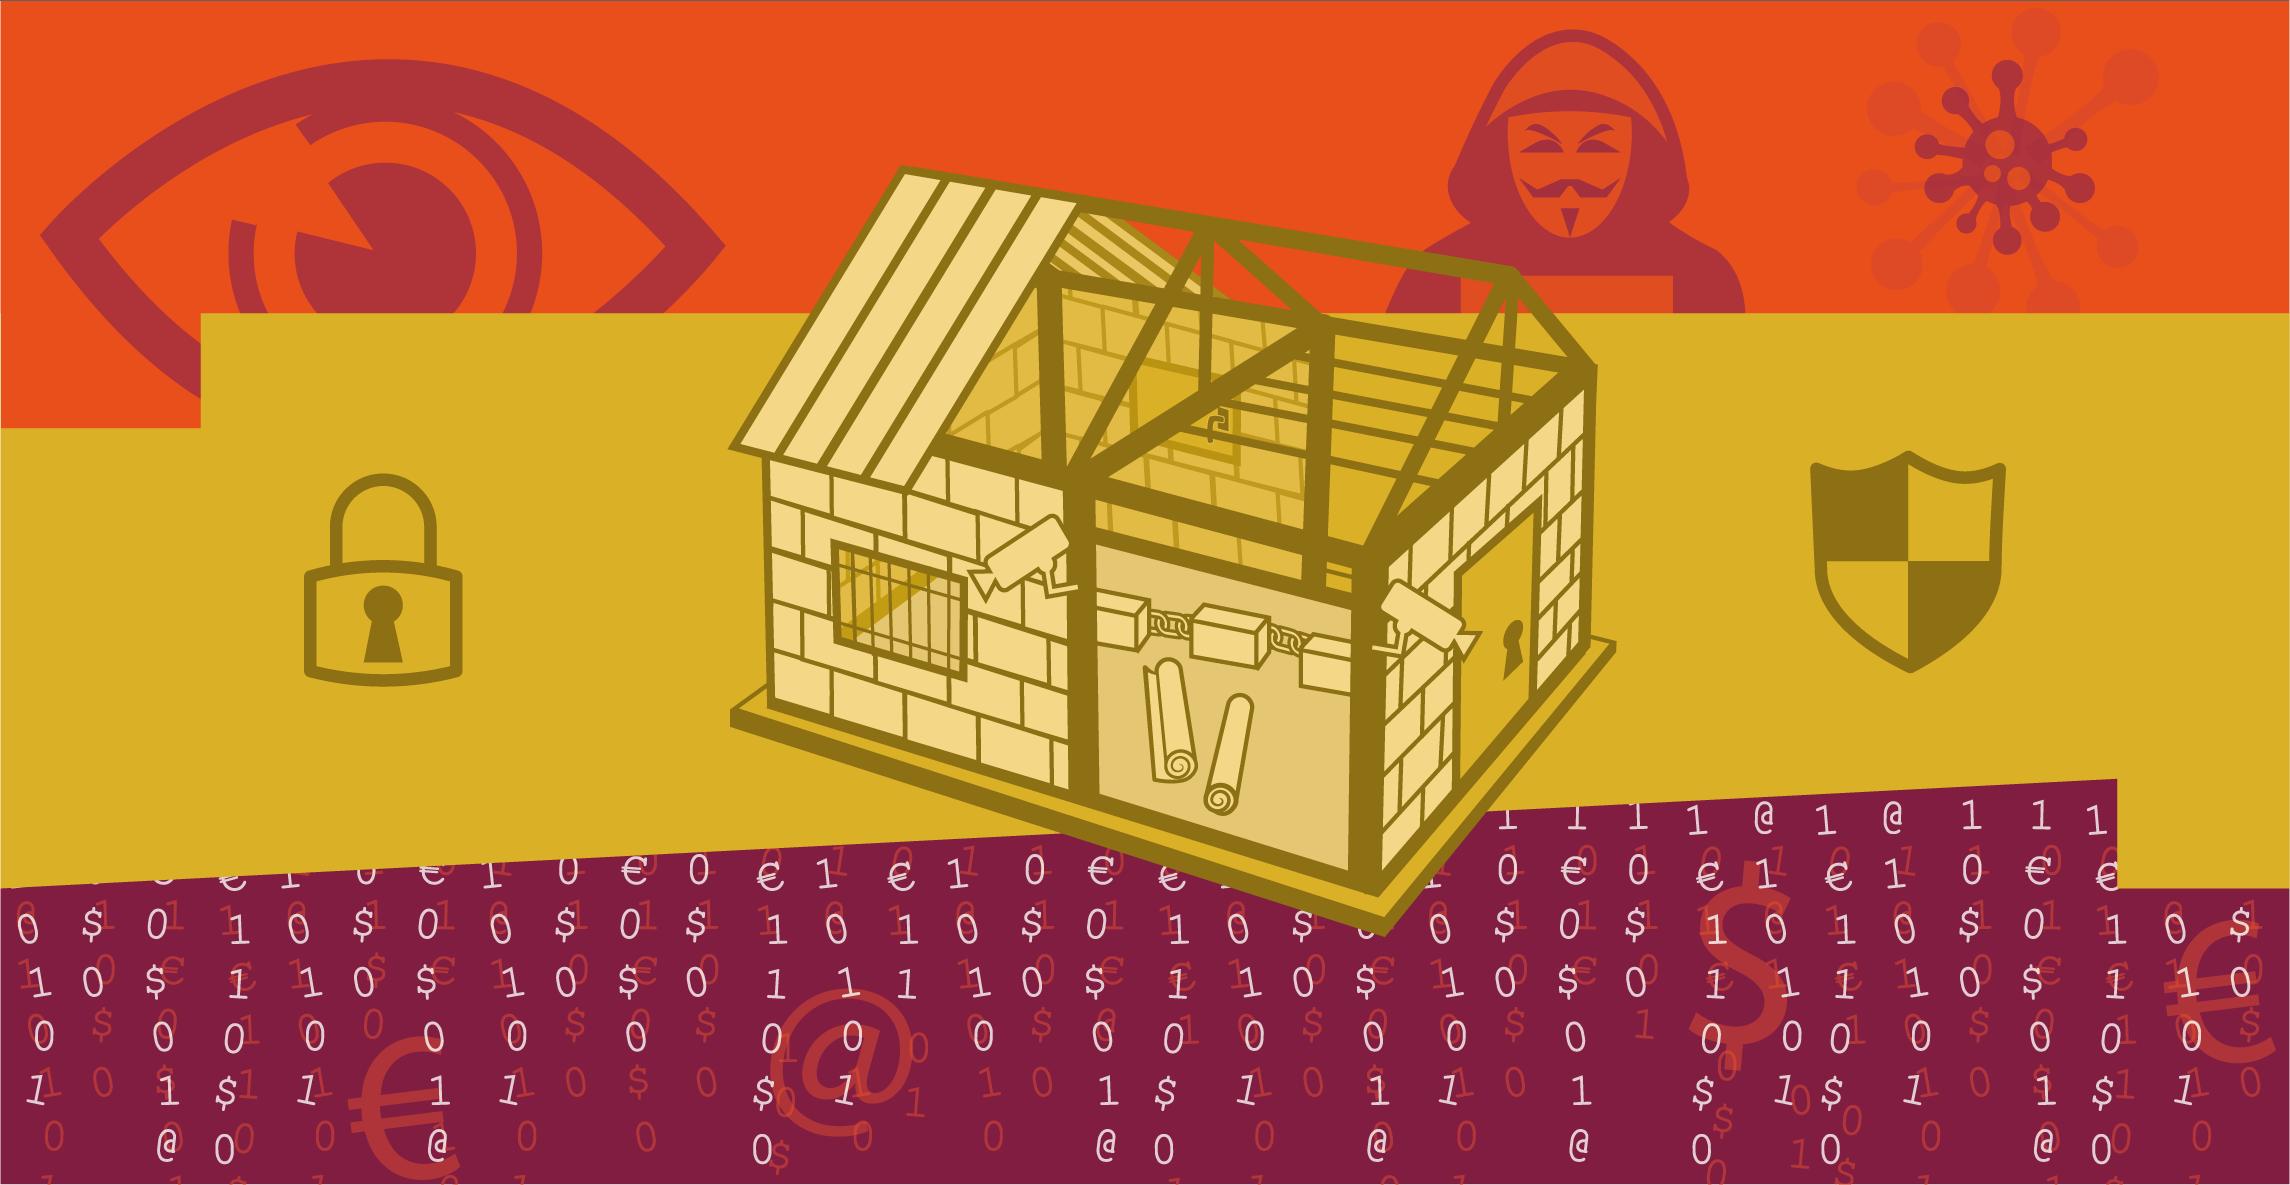 bild-Cyber-Sicherheit